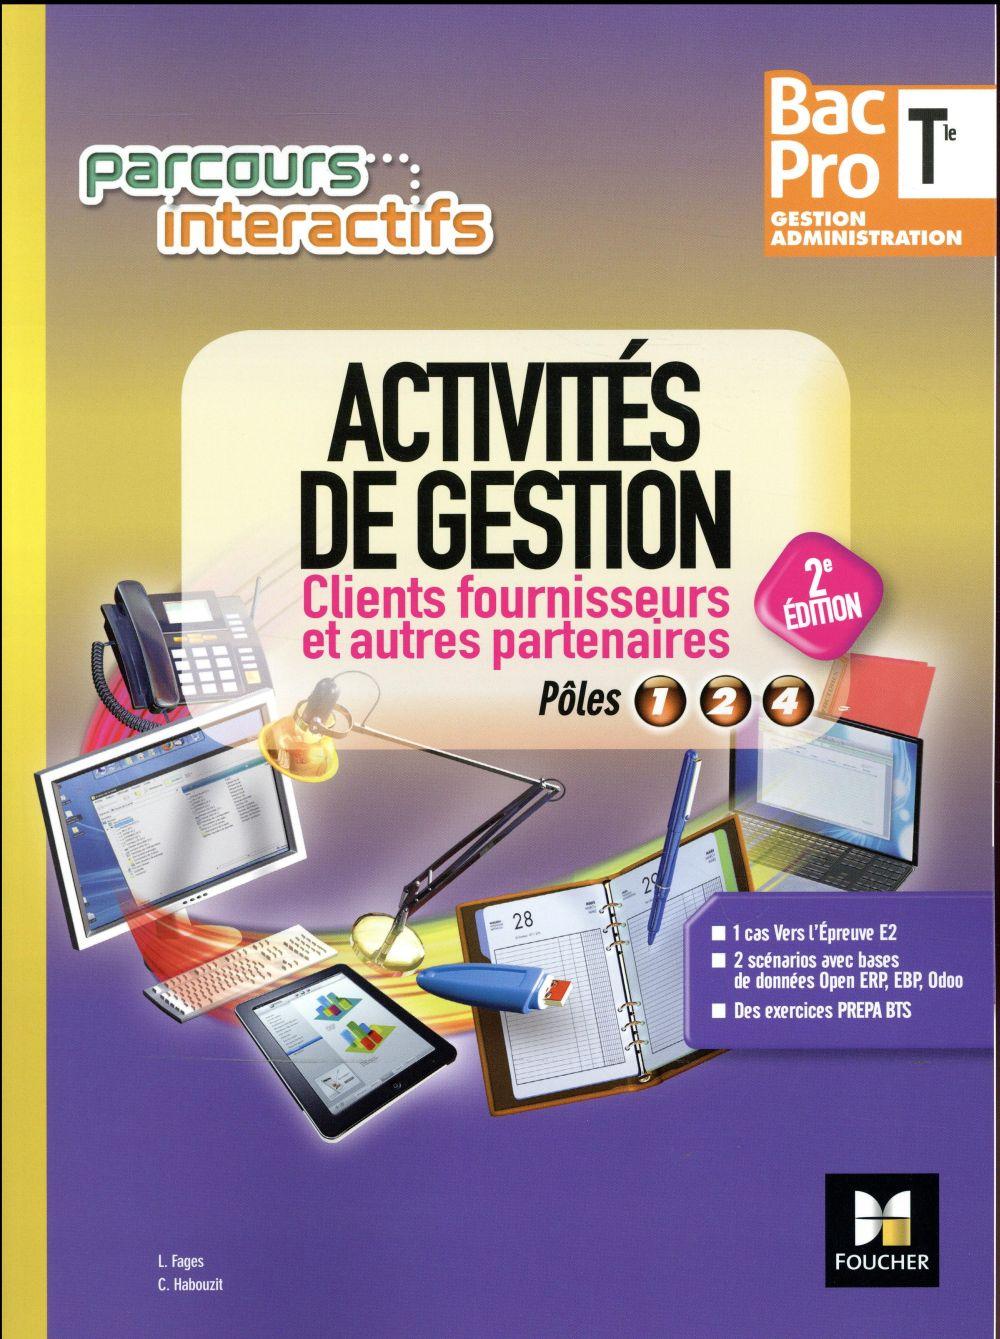 Parcours interactifs ; activités de gestion clients fournisseurs ; terminale bac pro GA (édition 2017)